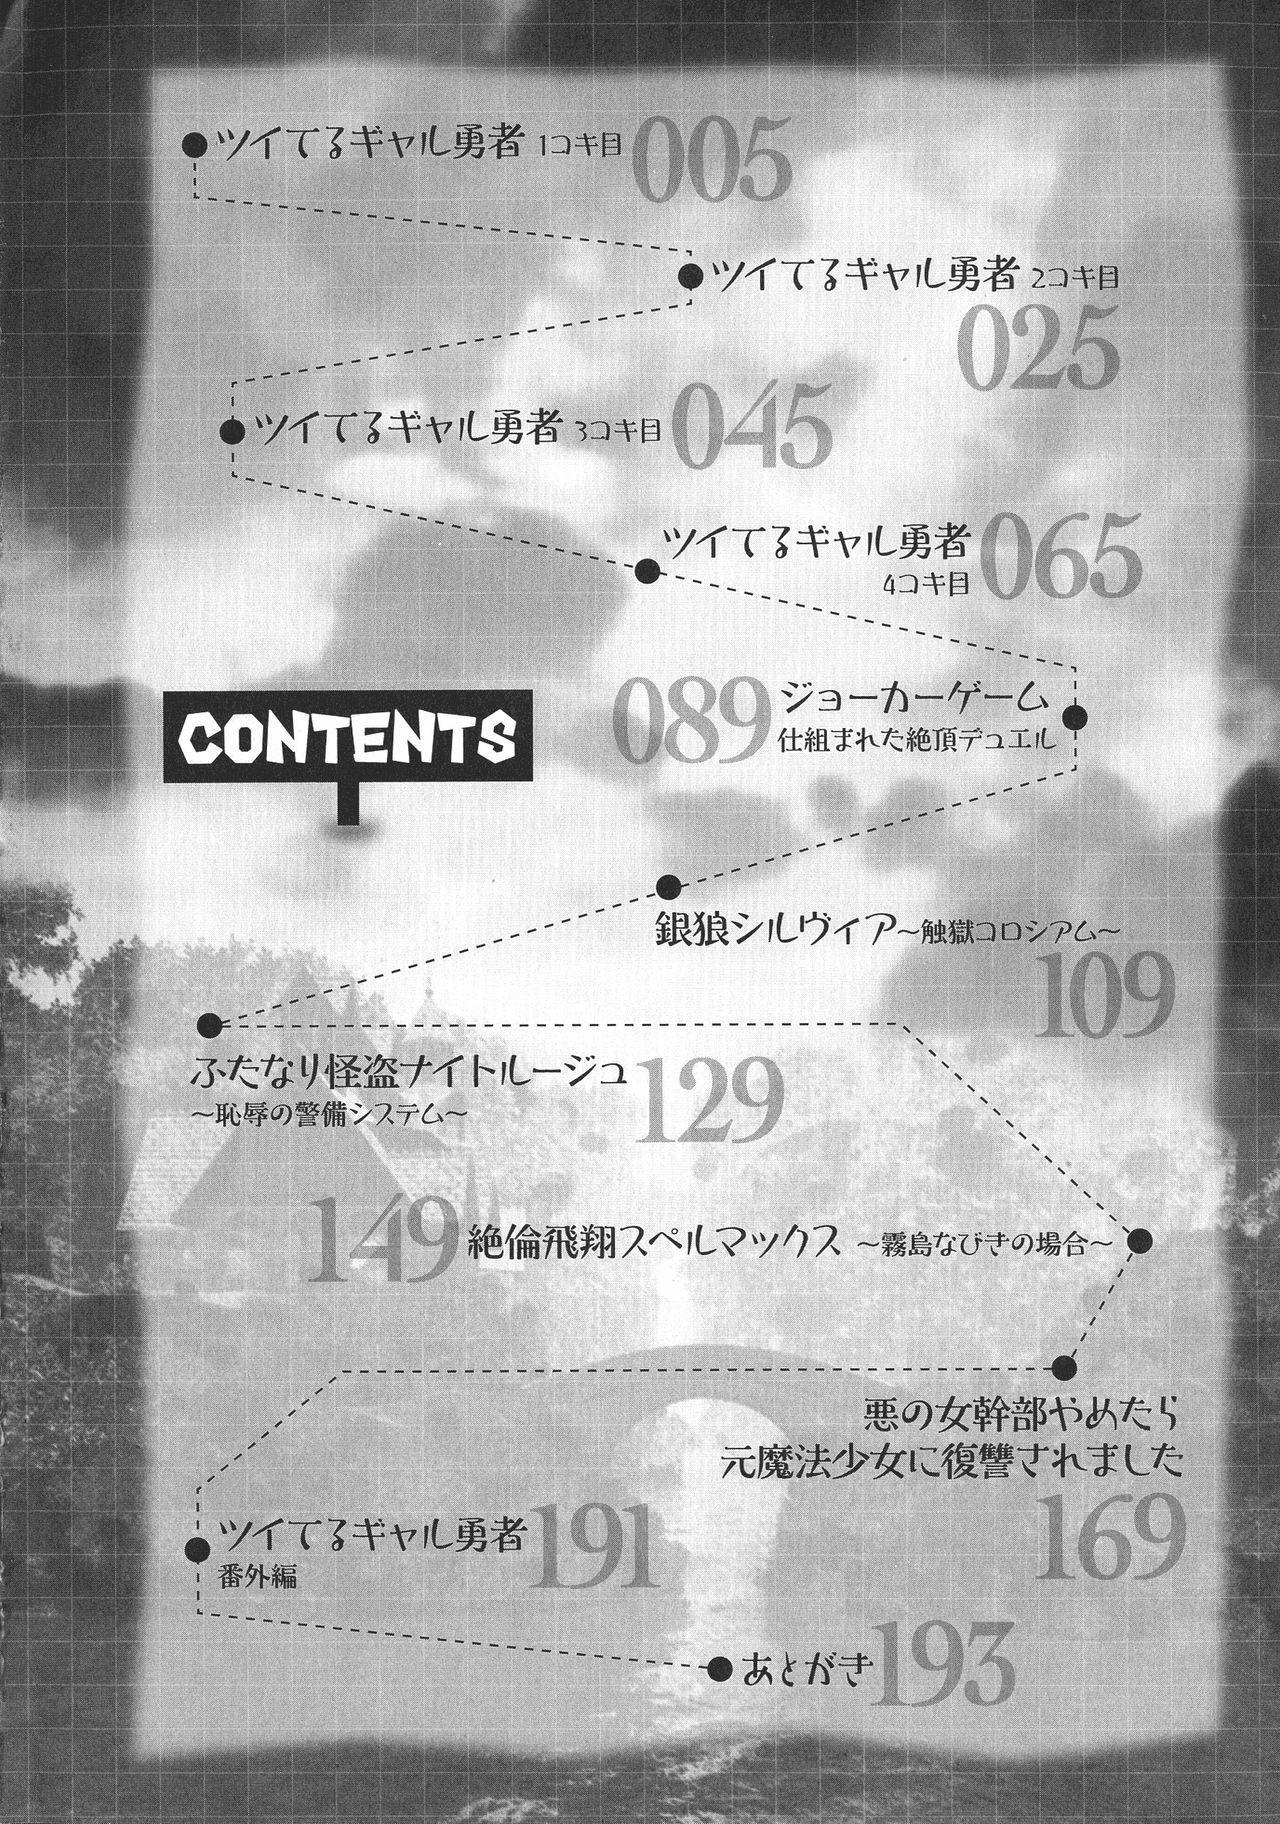 Futanari Gal Brave - Tsuiteru Gal Yuusha Isekai no ji ni Botsu 6